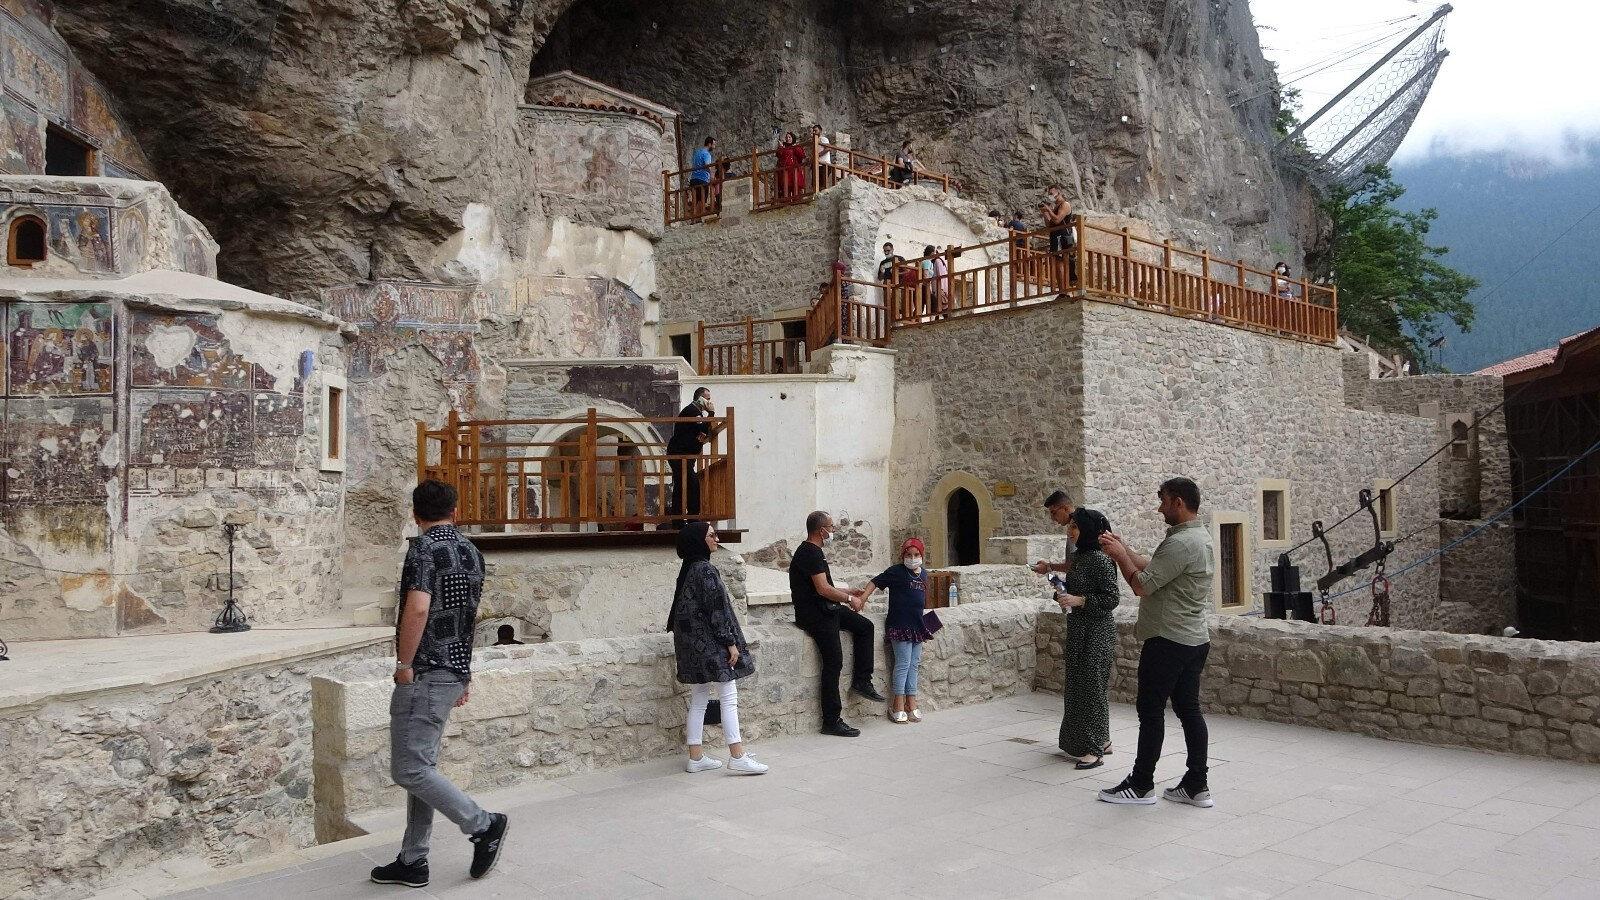 Sümela Manastırı 1 Temmuz'da Kültür ve Turizm Bakanı Mehmet Nuri Ersoy'un katılımı ile tamamen ziyarete açılmıştı.